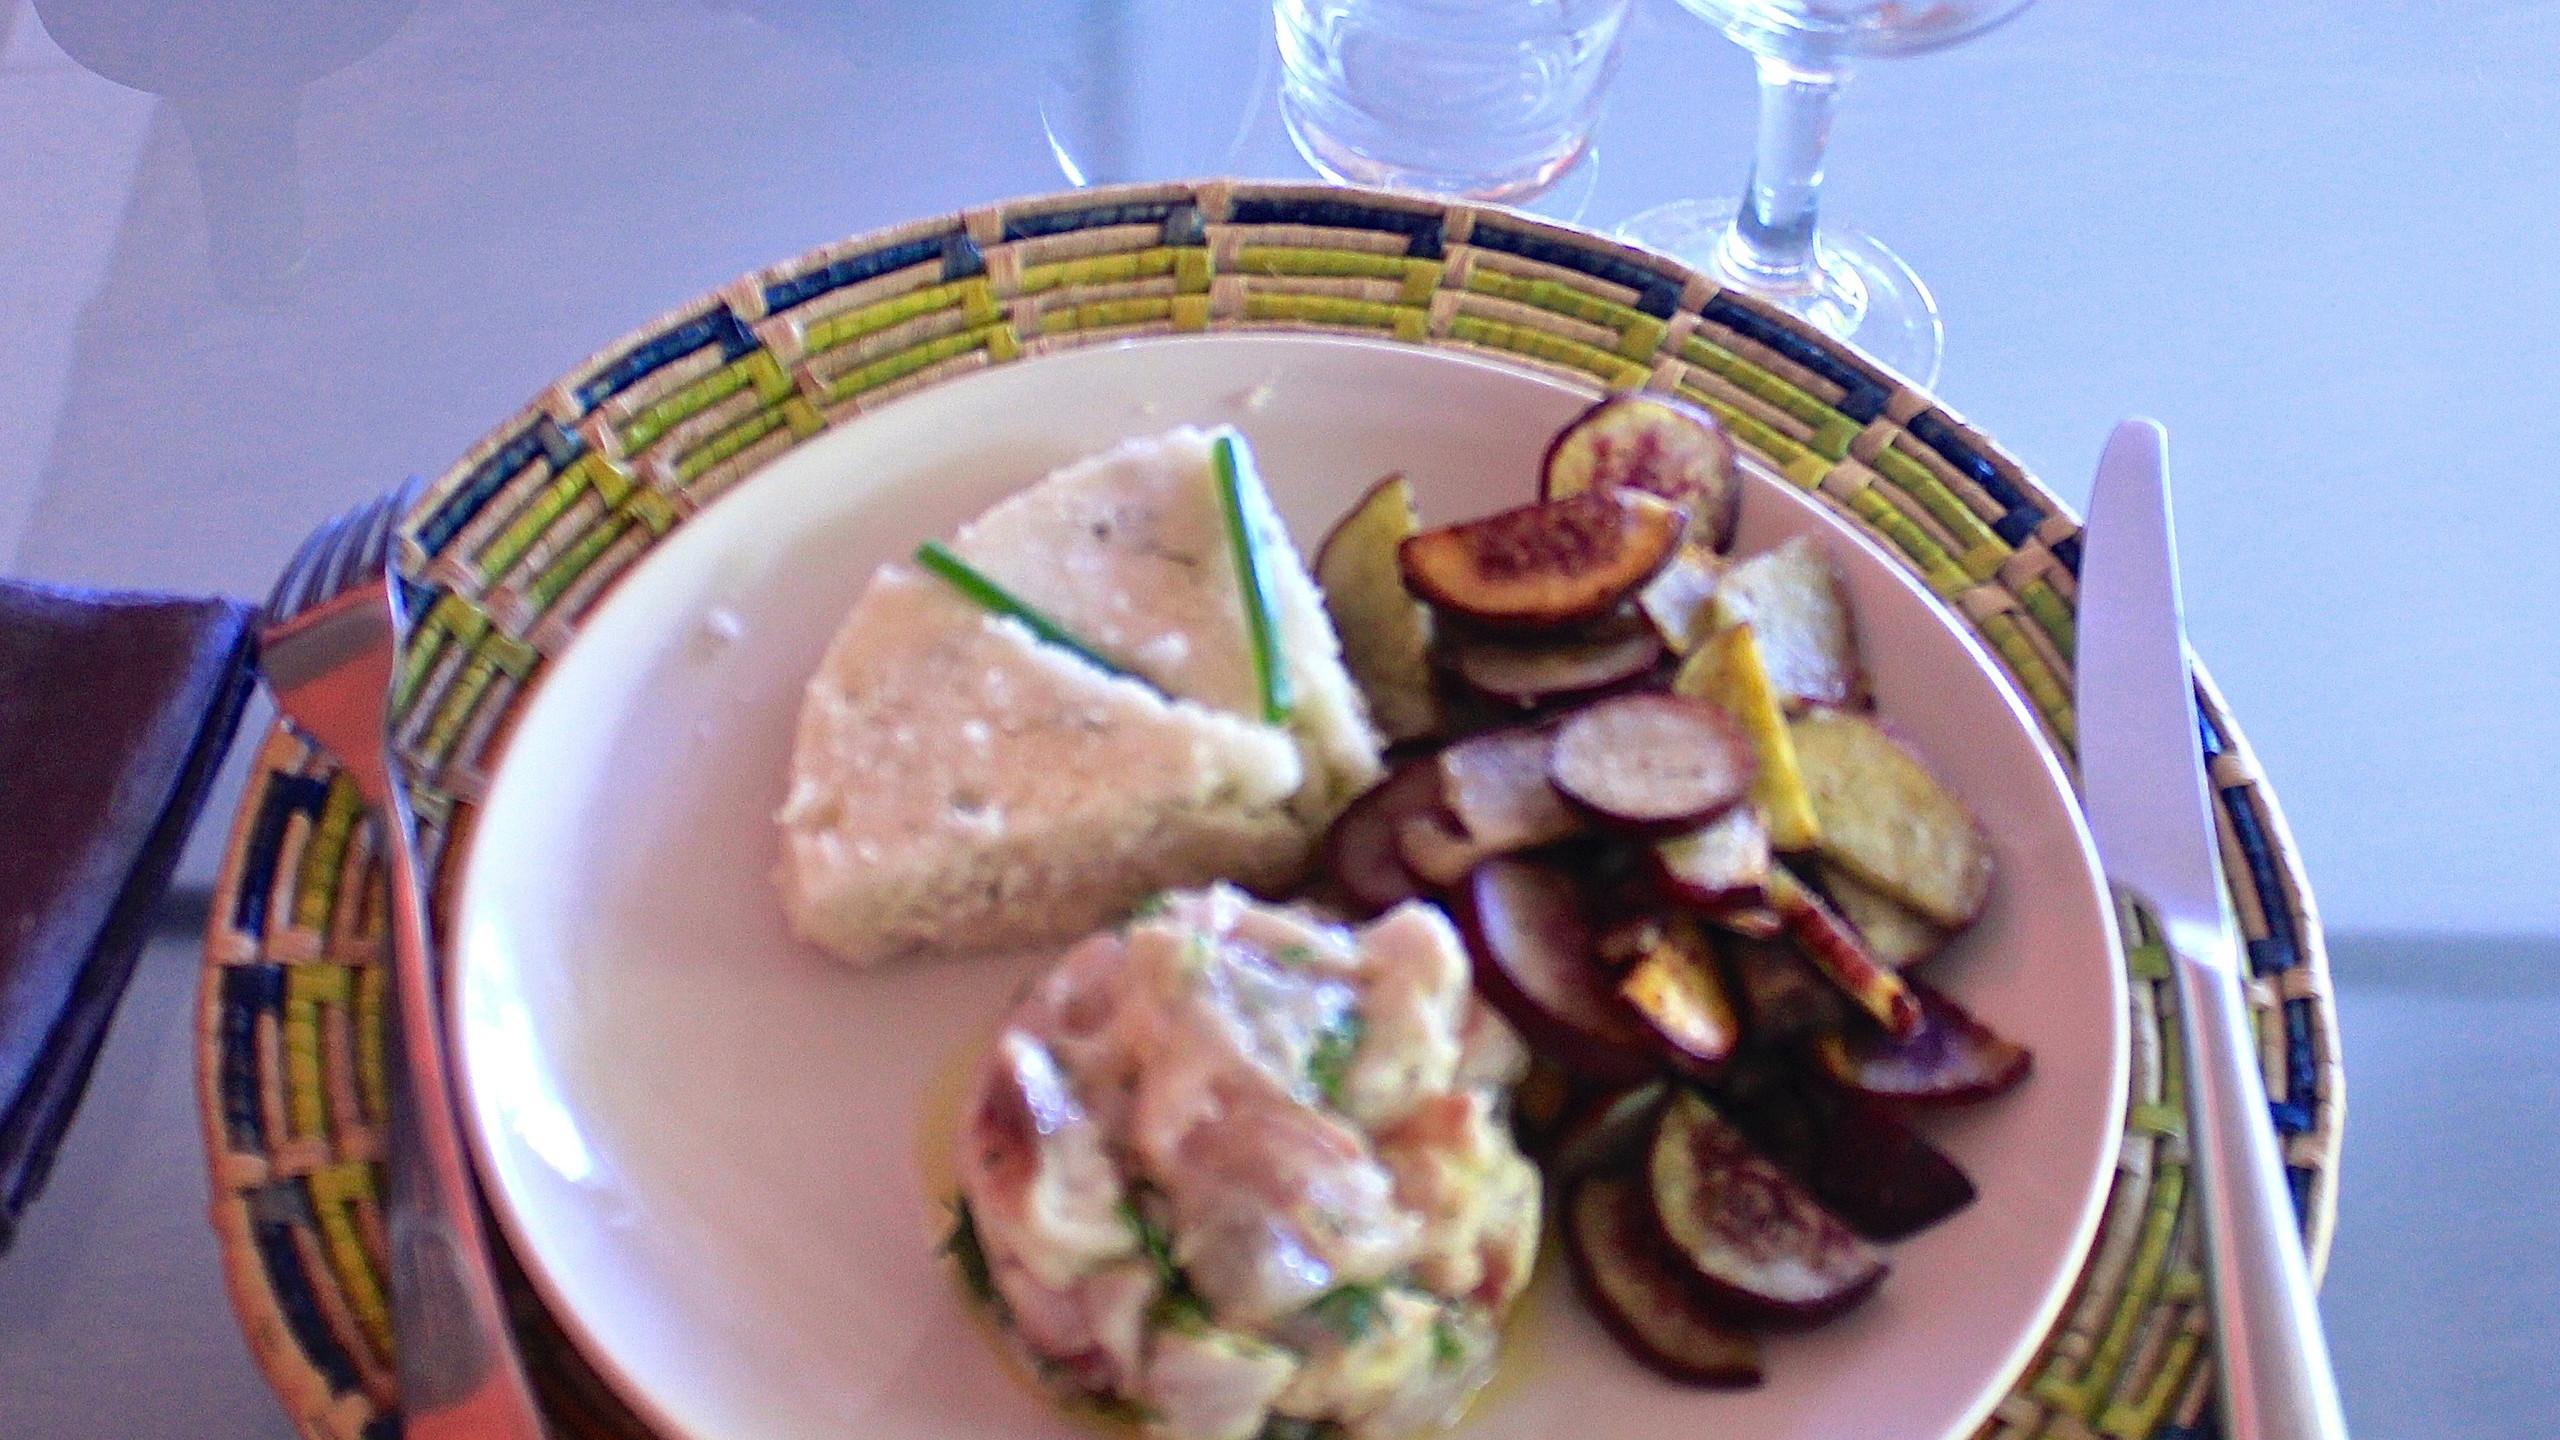 tartare de poisson, patates douces rissolées et gateau de tapioca brésilien